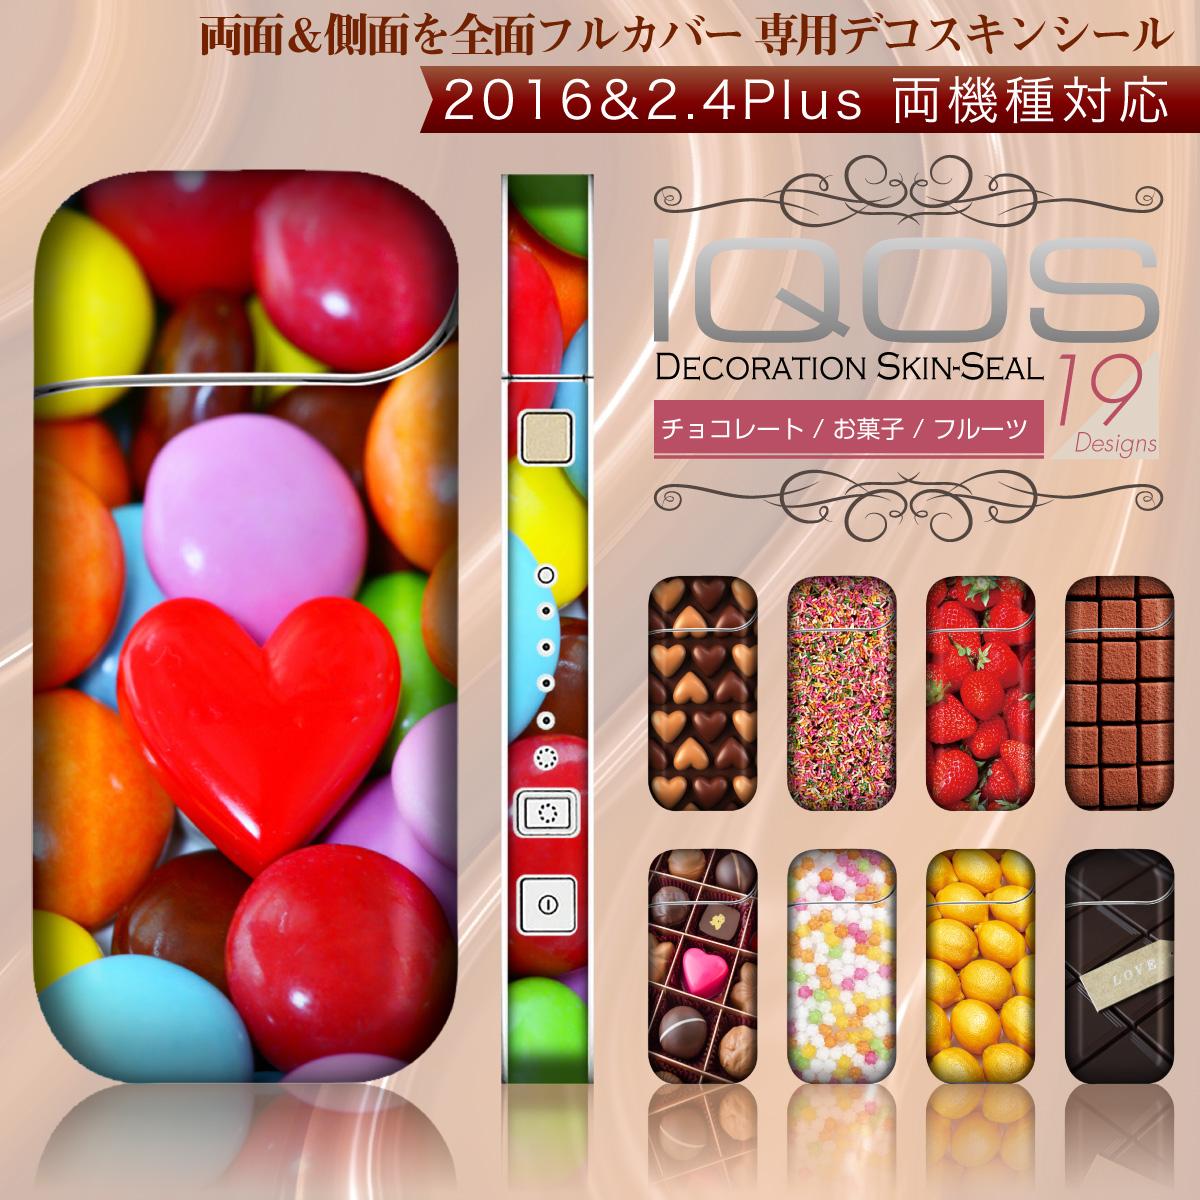 iQOS(アイコス) 専用 デコレーション スキンシール 表面・裏面&側面セット 【 チョコレート/お菓子/フルーツ シリーズ 】